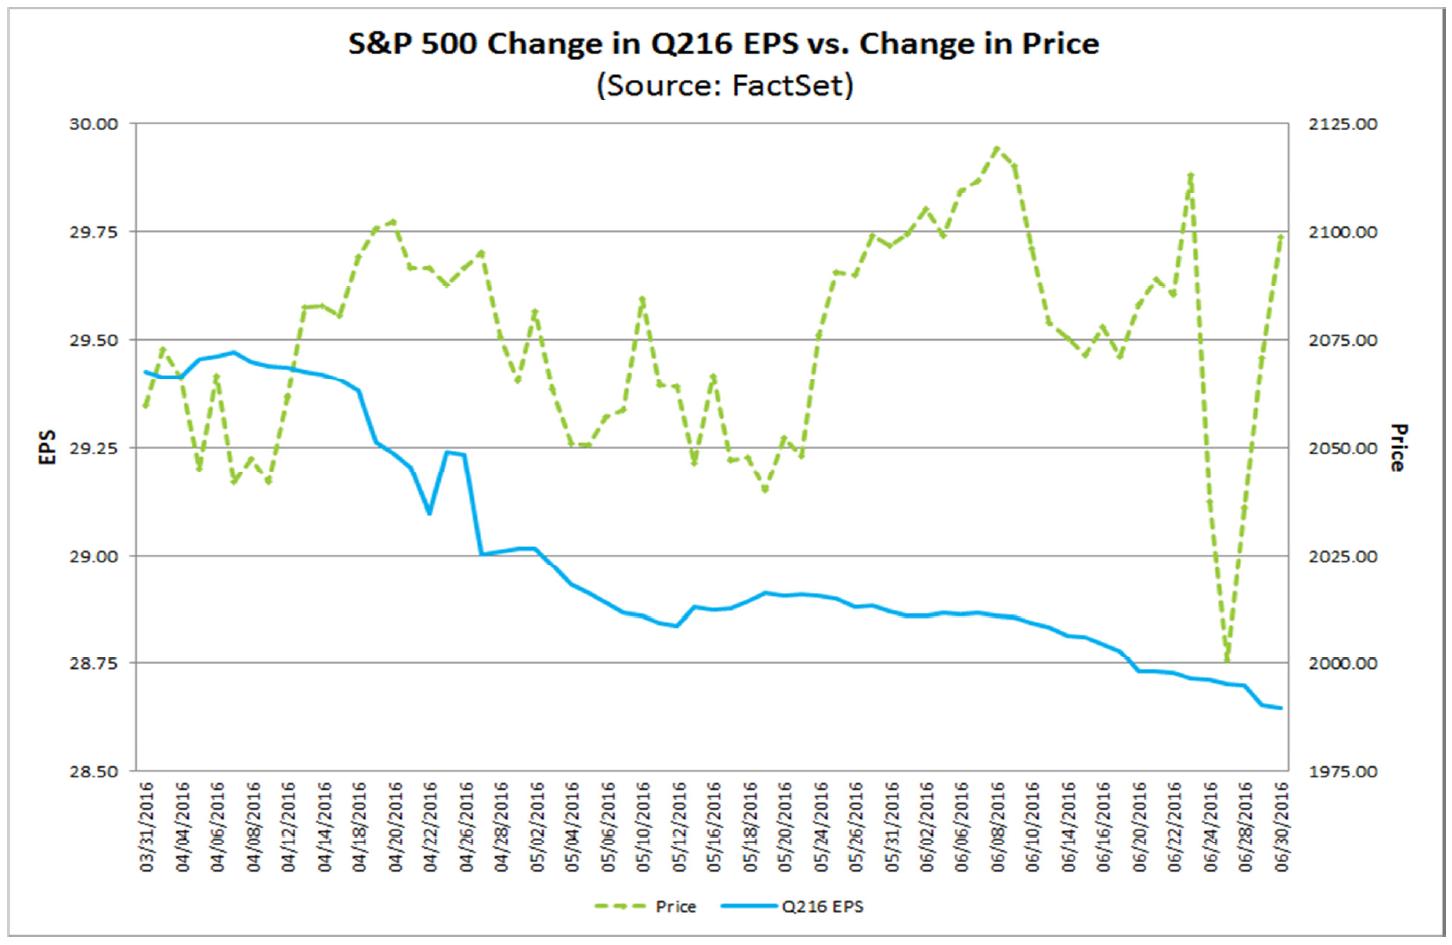 Zmiana ceny indeksu zobrazowana na tle zmiany w zyskach